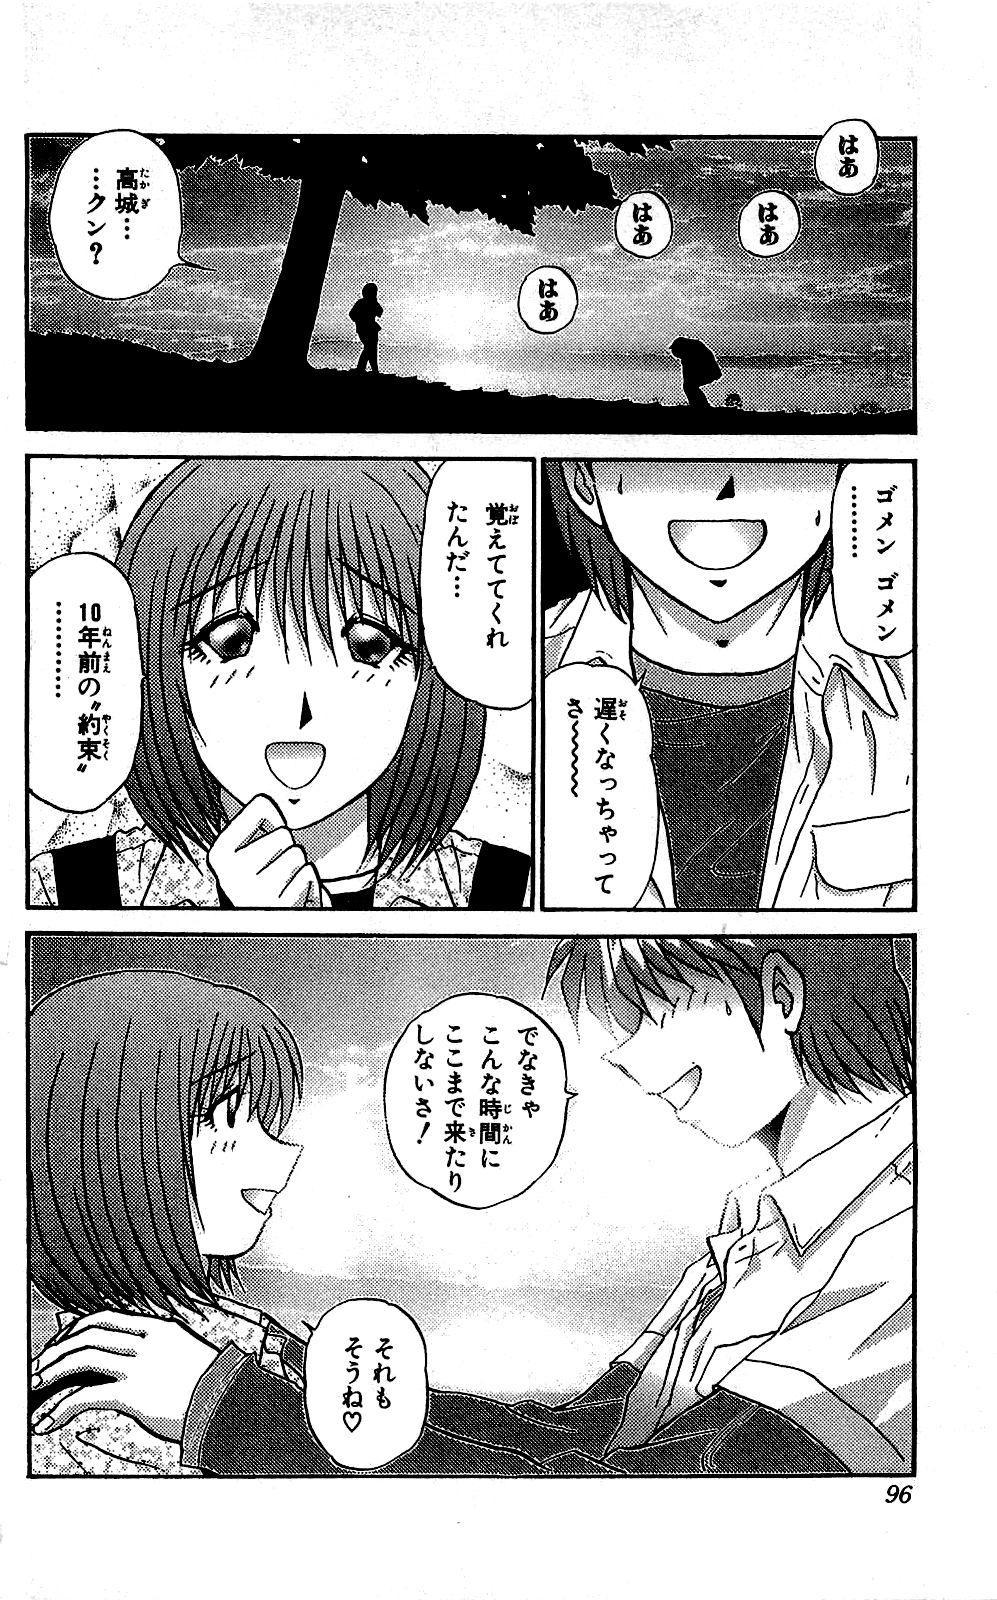 Miracle Make Yuuji 96